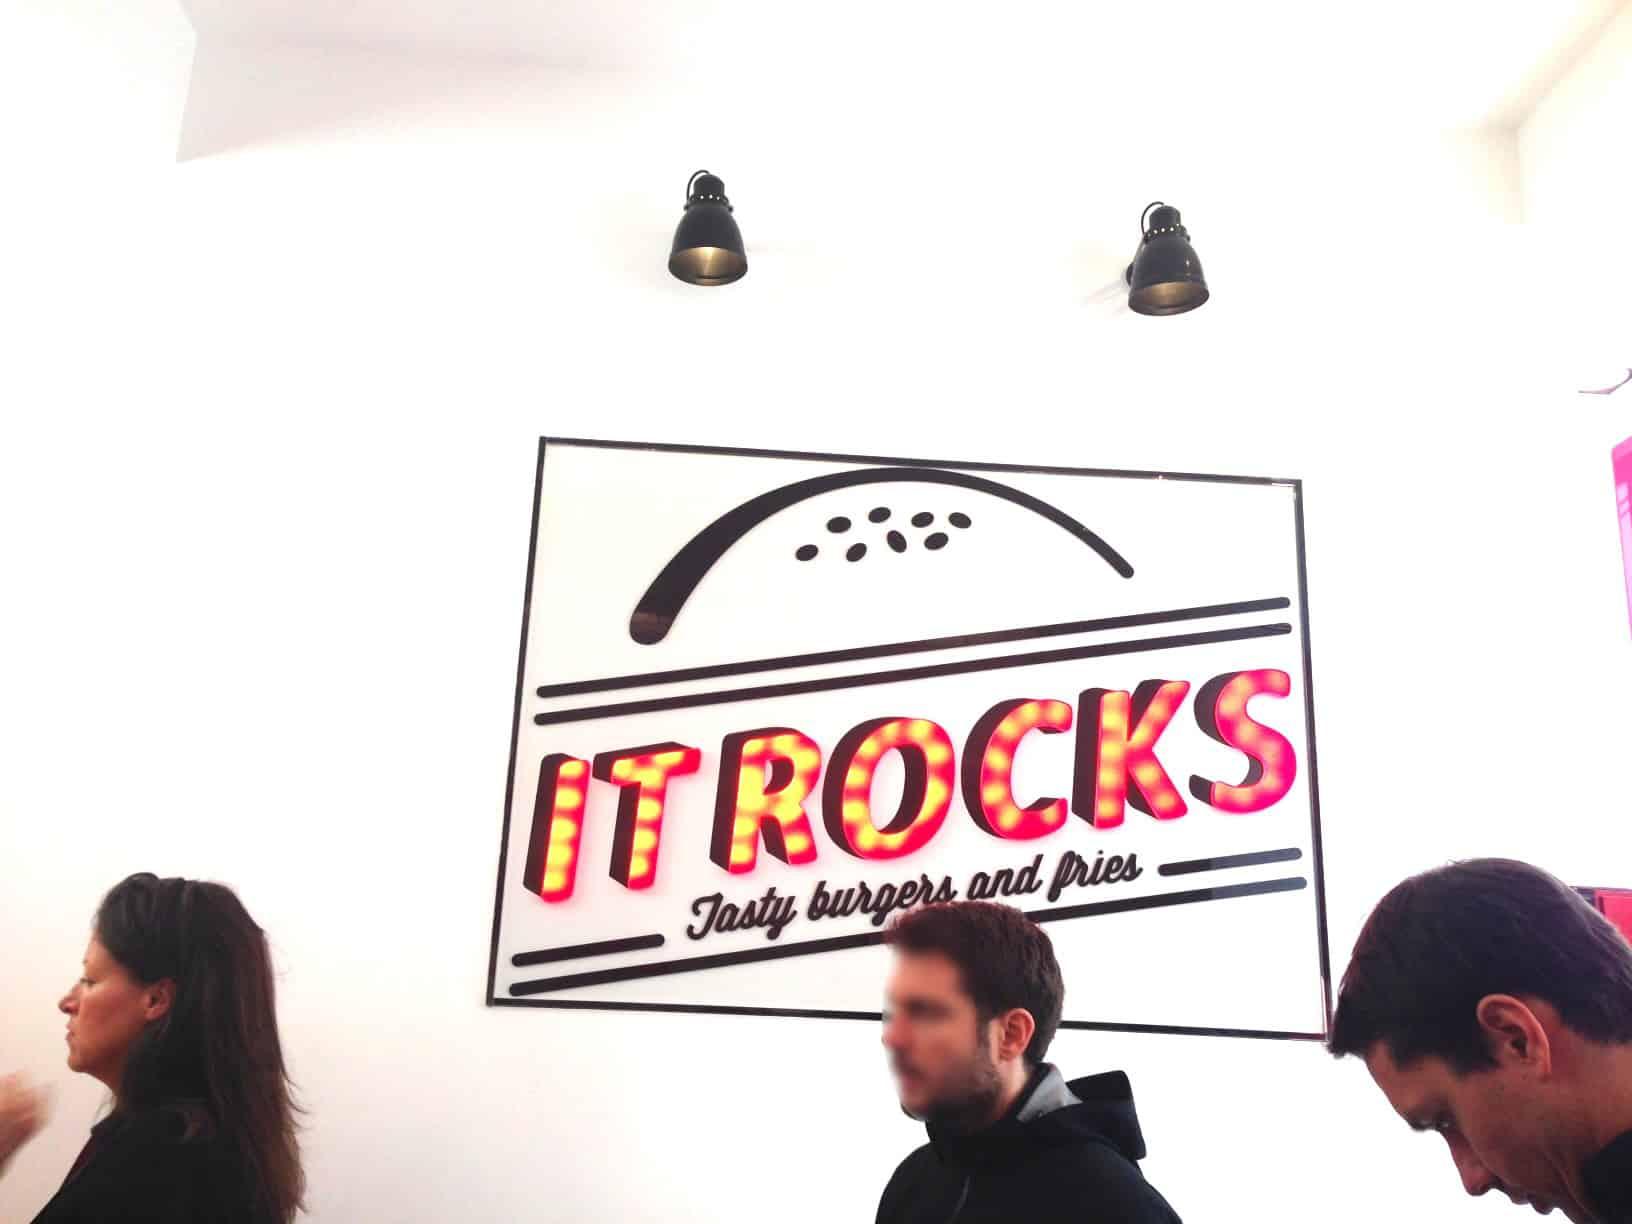 it-rocks-burgers